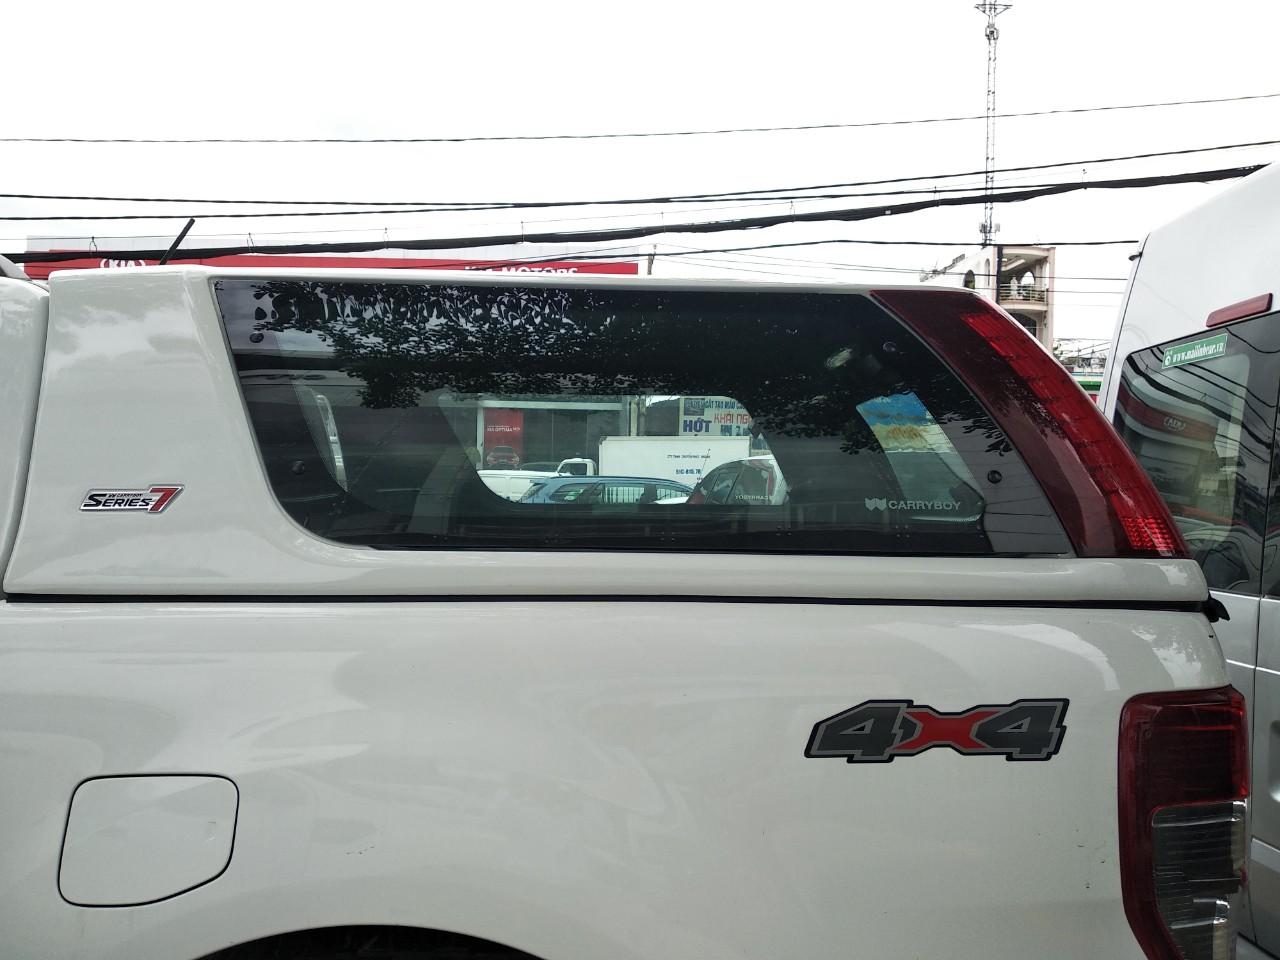 Phụ kiện Nắp thùng Ford Ranger nhập khẩu thái lan chính hãng 32